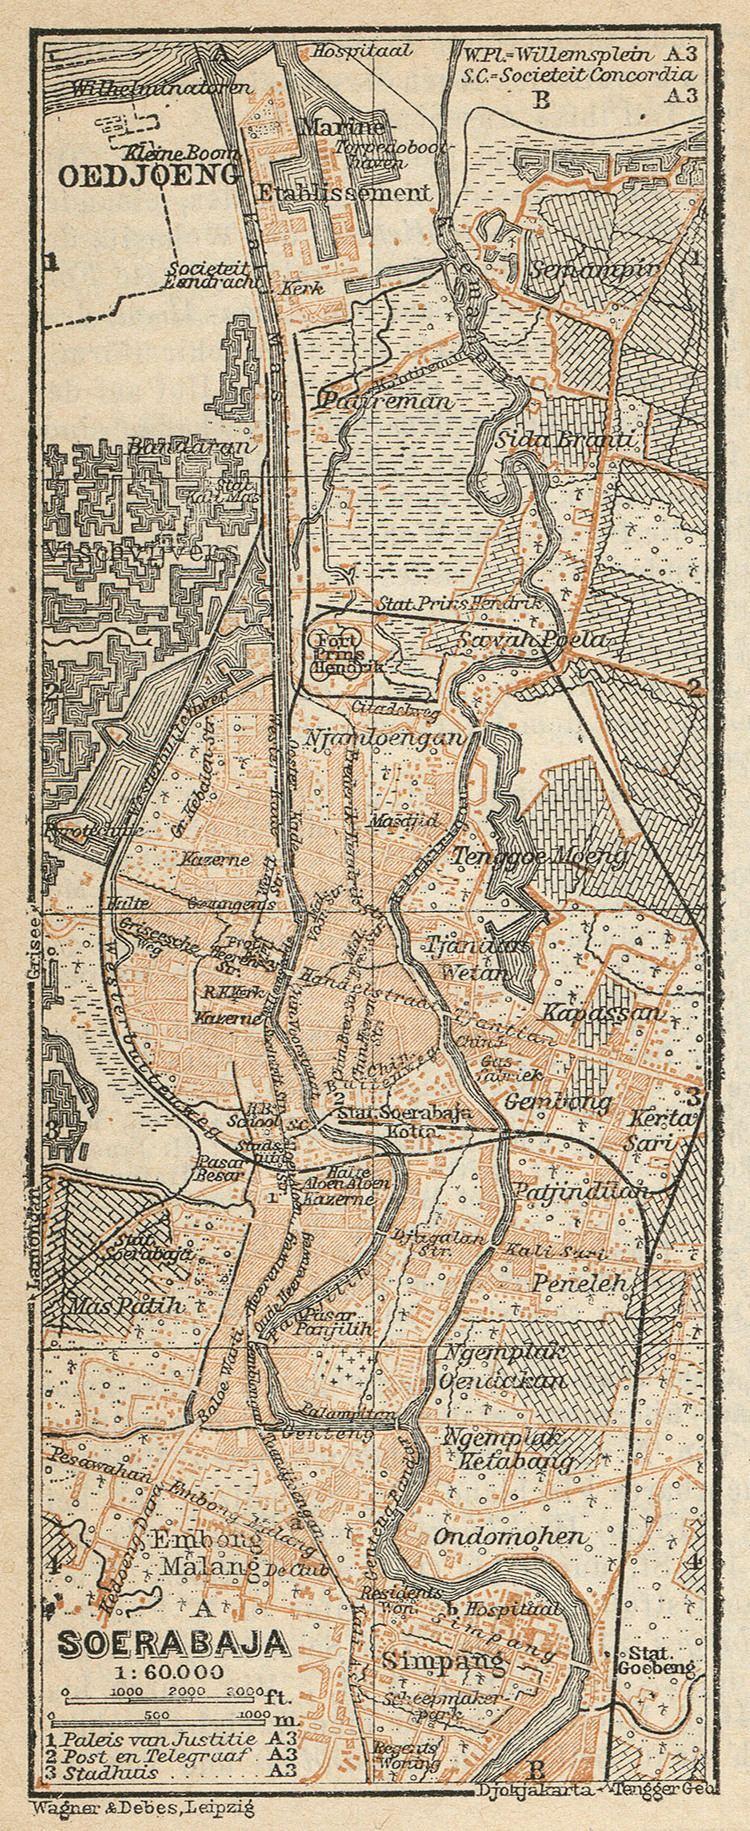 Banten in the past, History of Banten